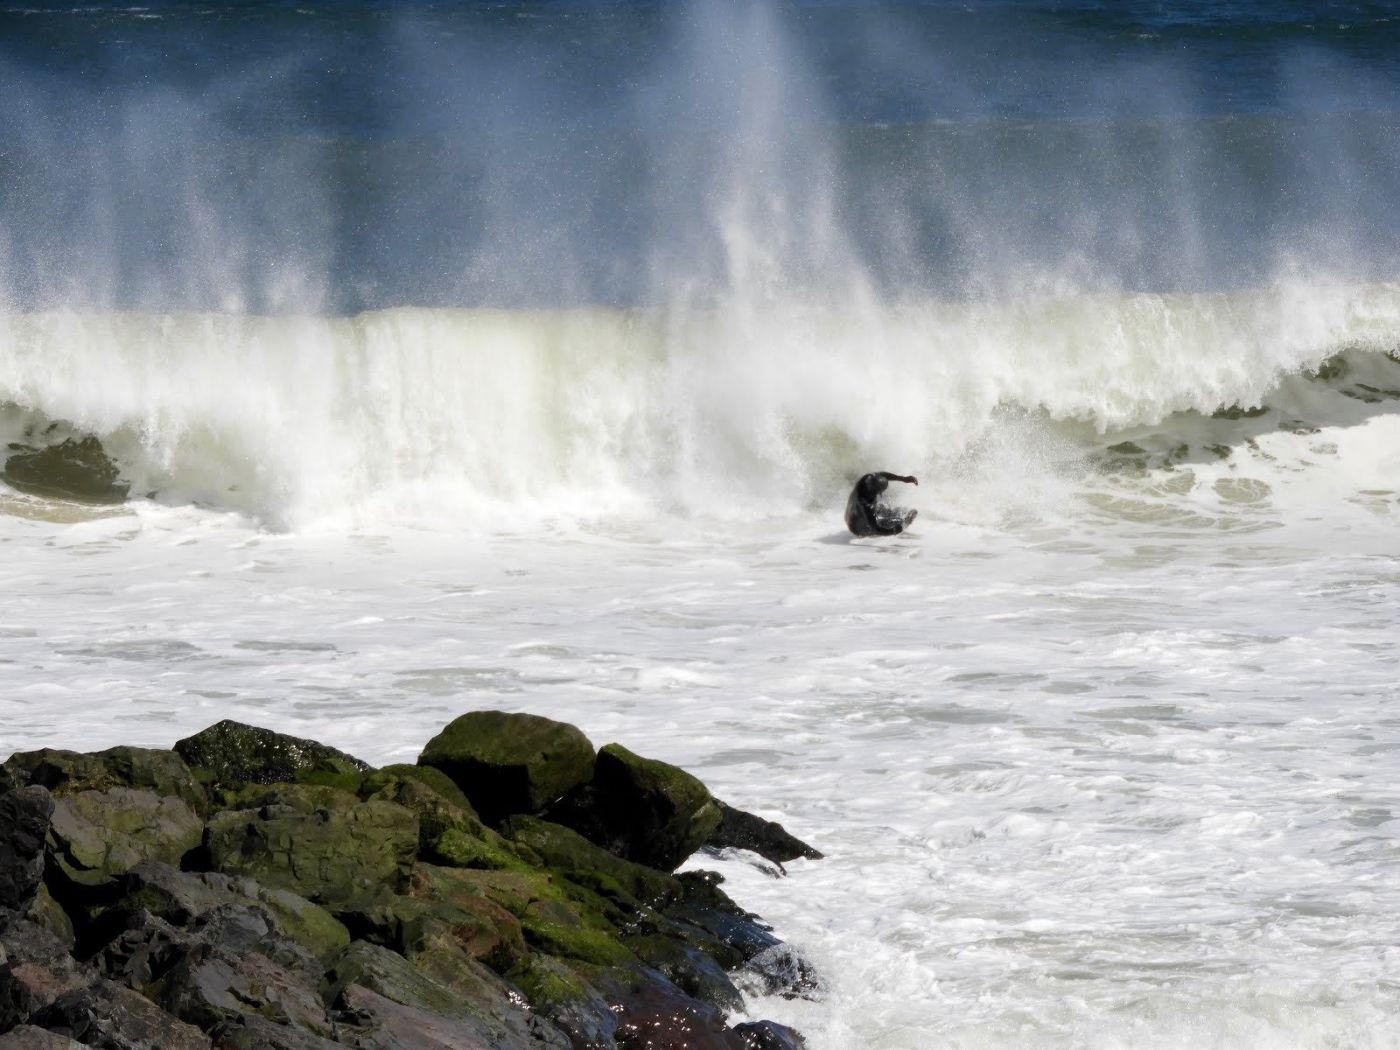 新泽西州冲浪者_图1-10